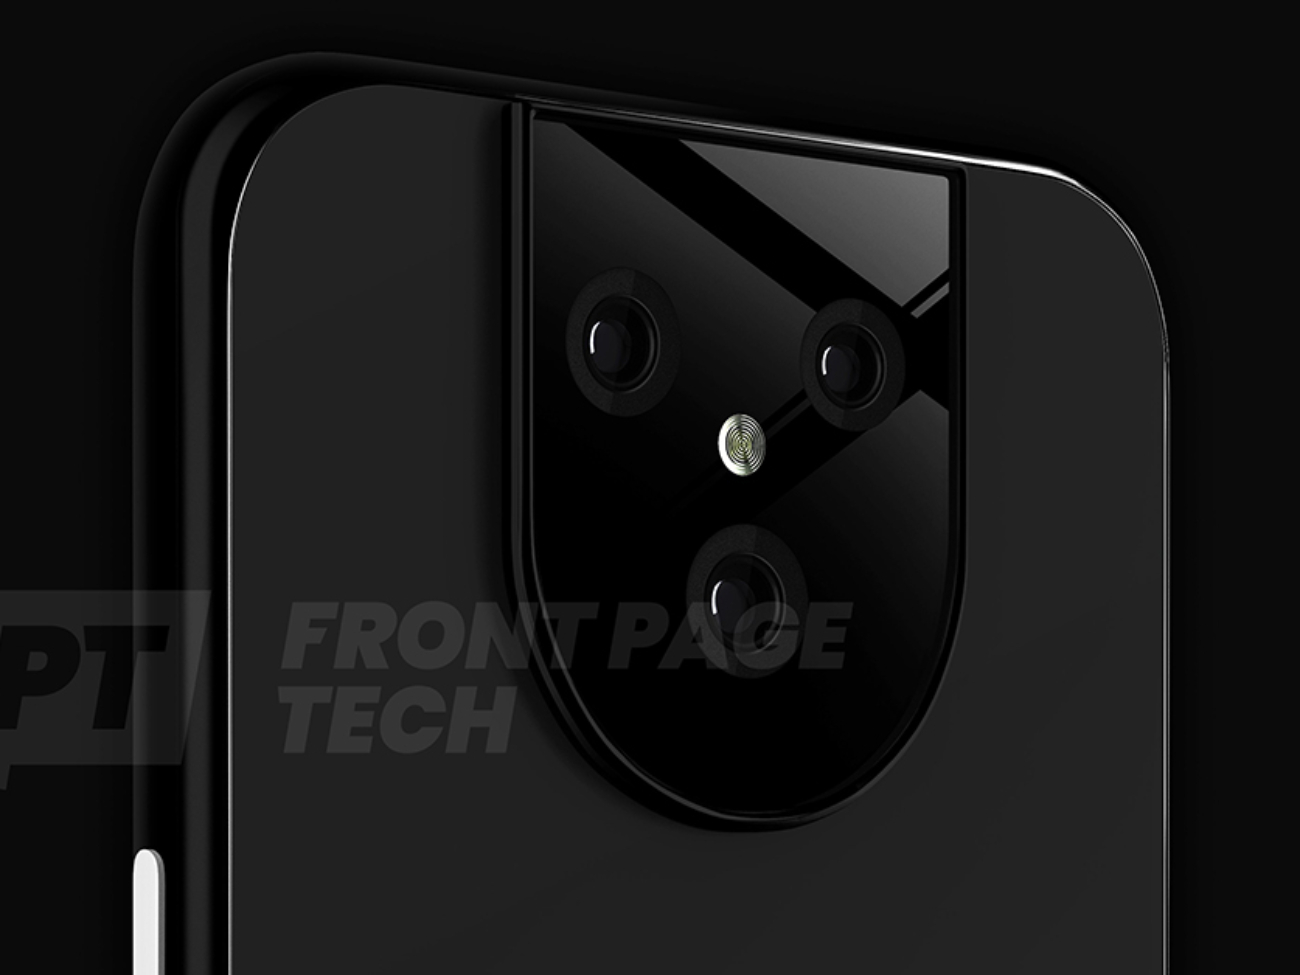 2pixel-5-xl-prototype-render-full-res